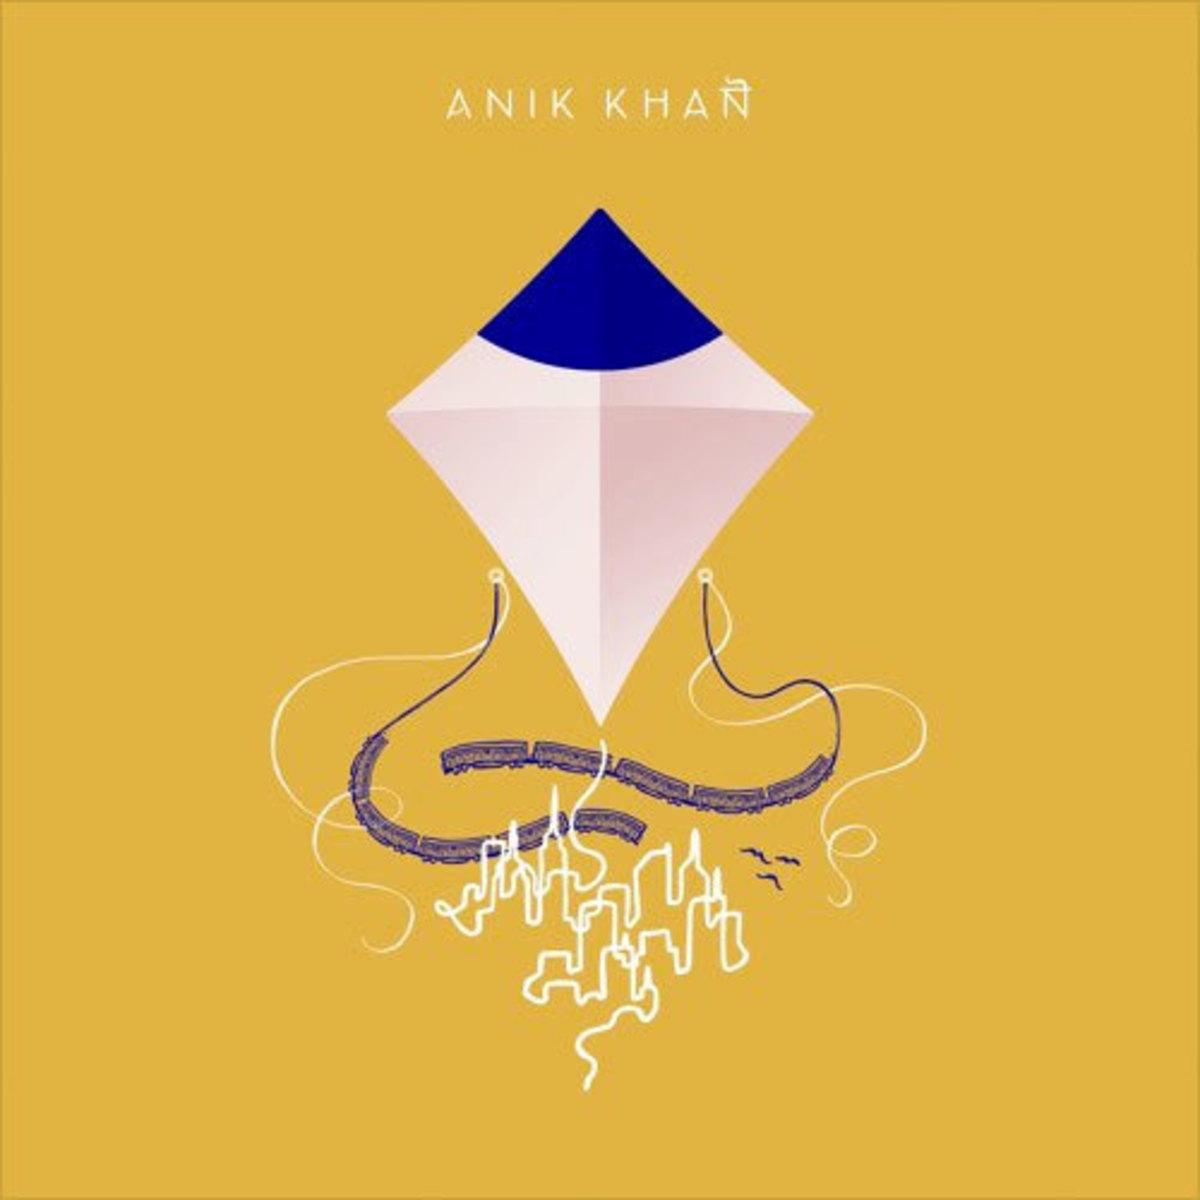 anik-khan-habibi.jpg